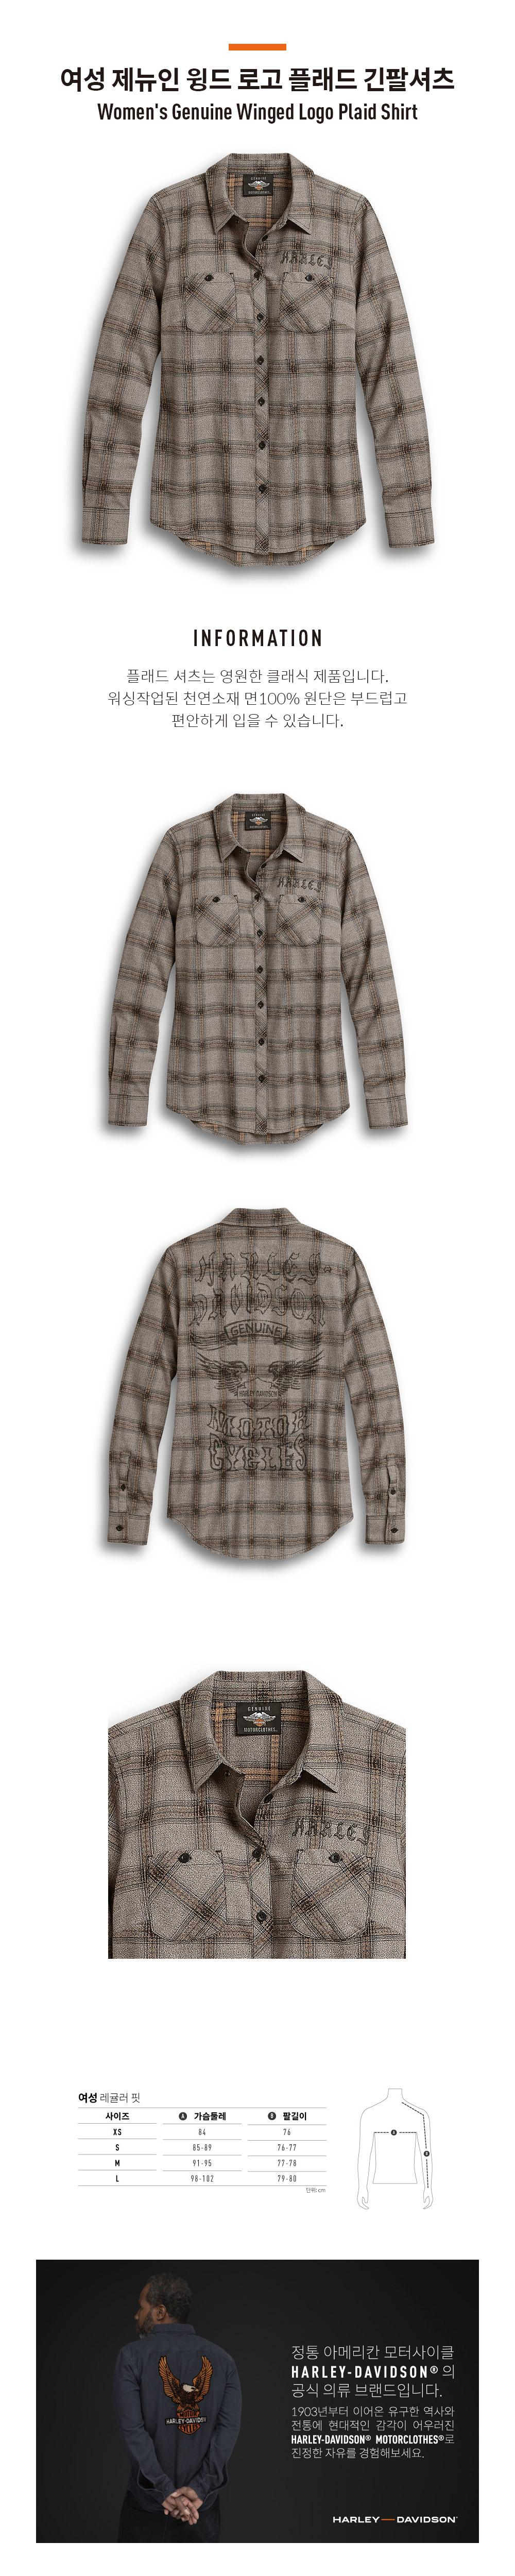 여성 제뉴인 윙드 로고 플래드 긴팔셔츠